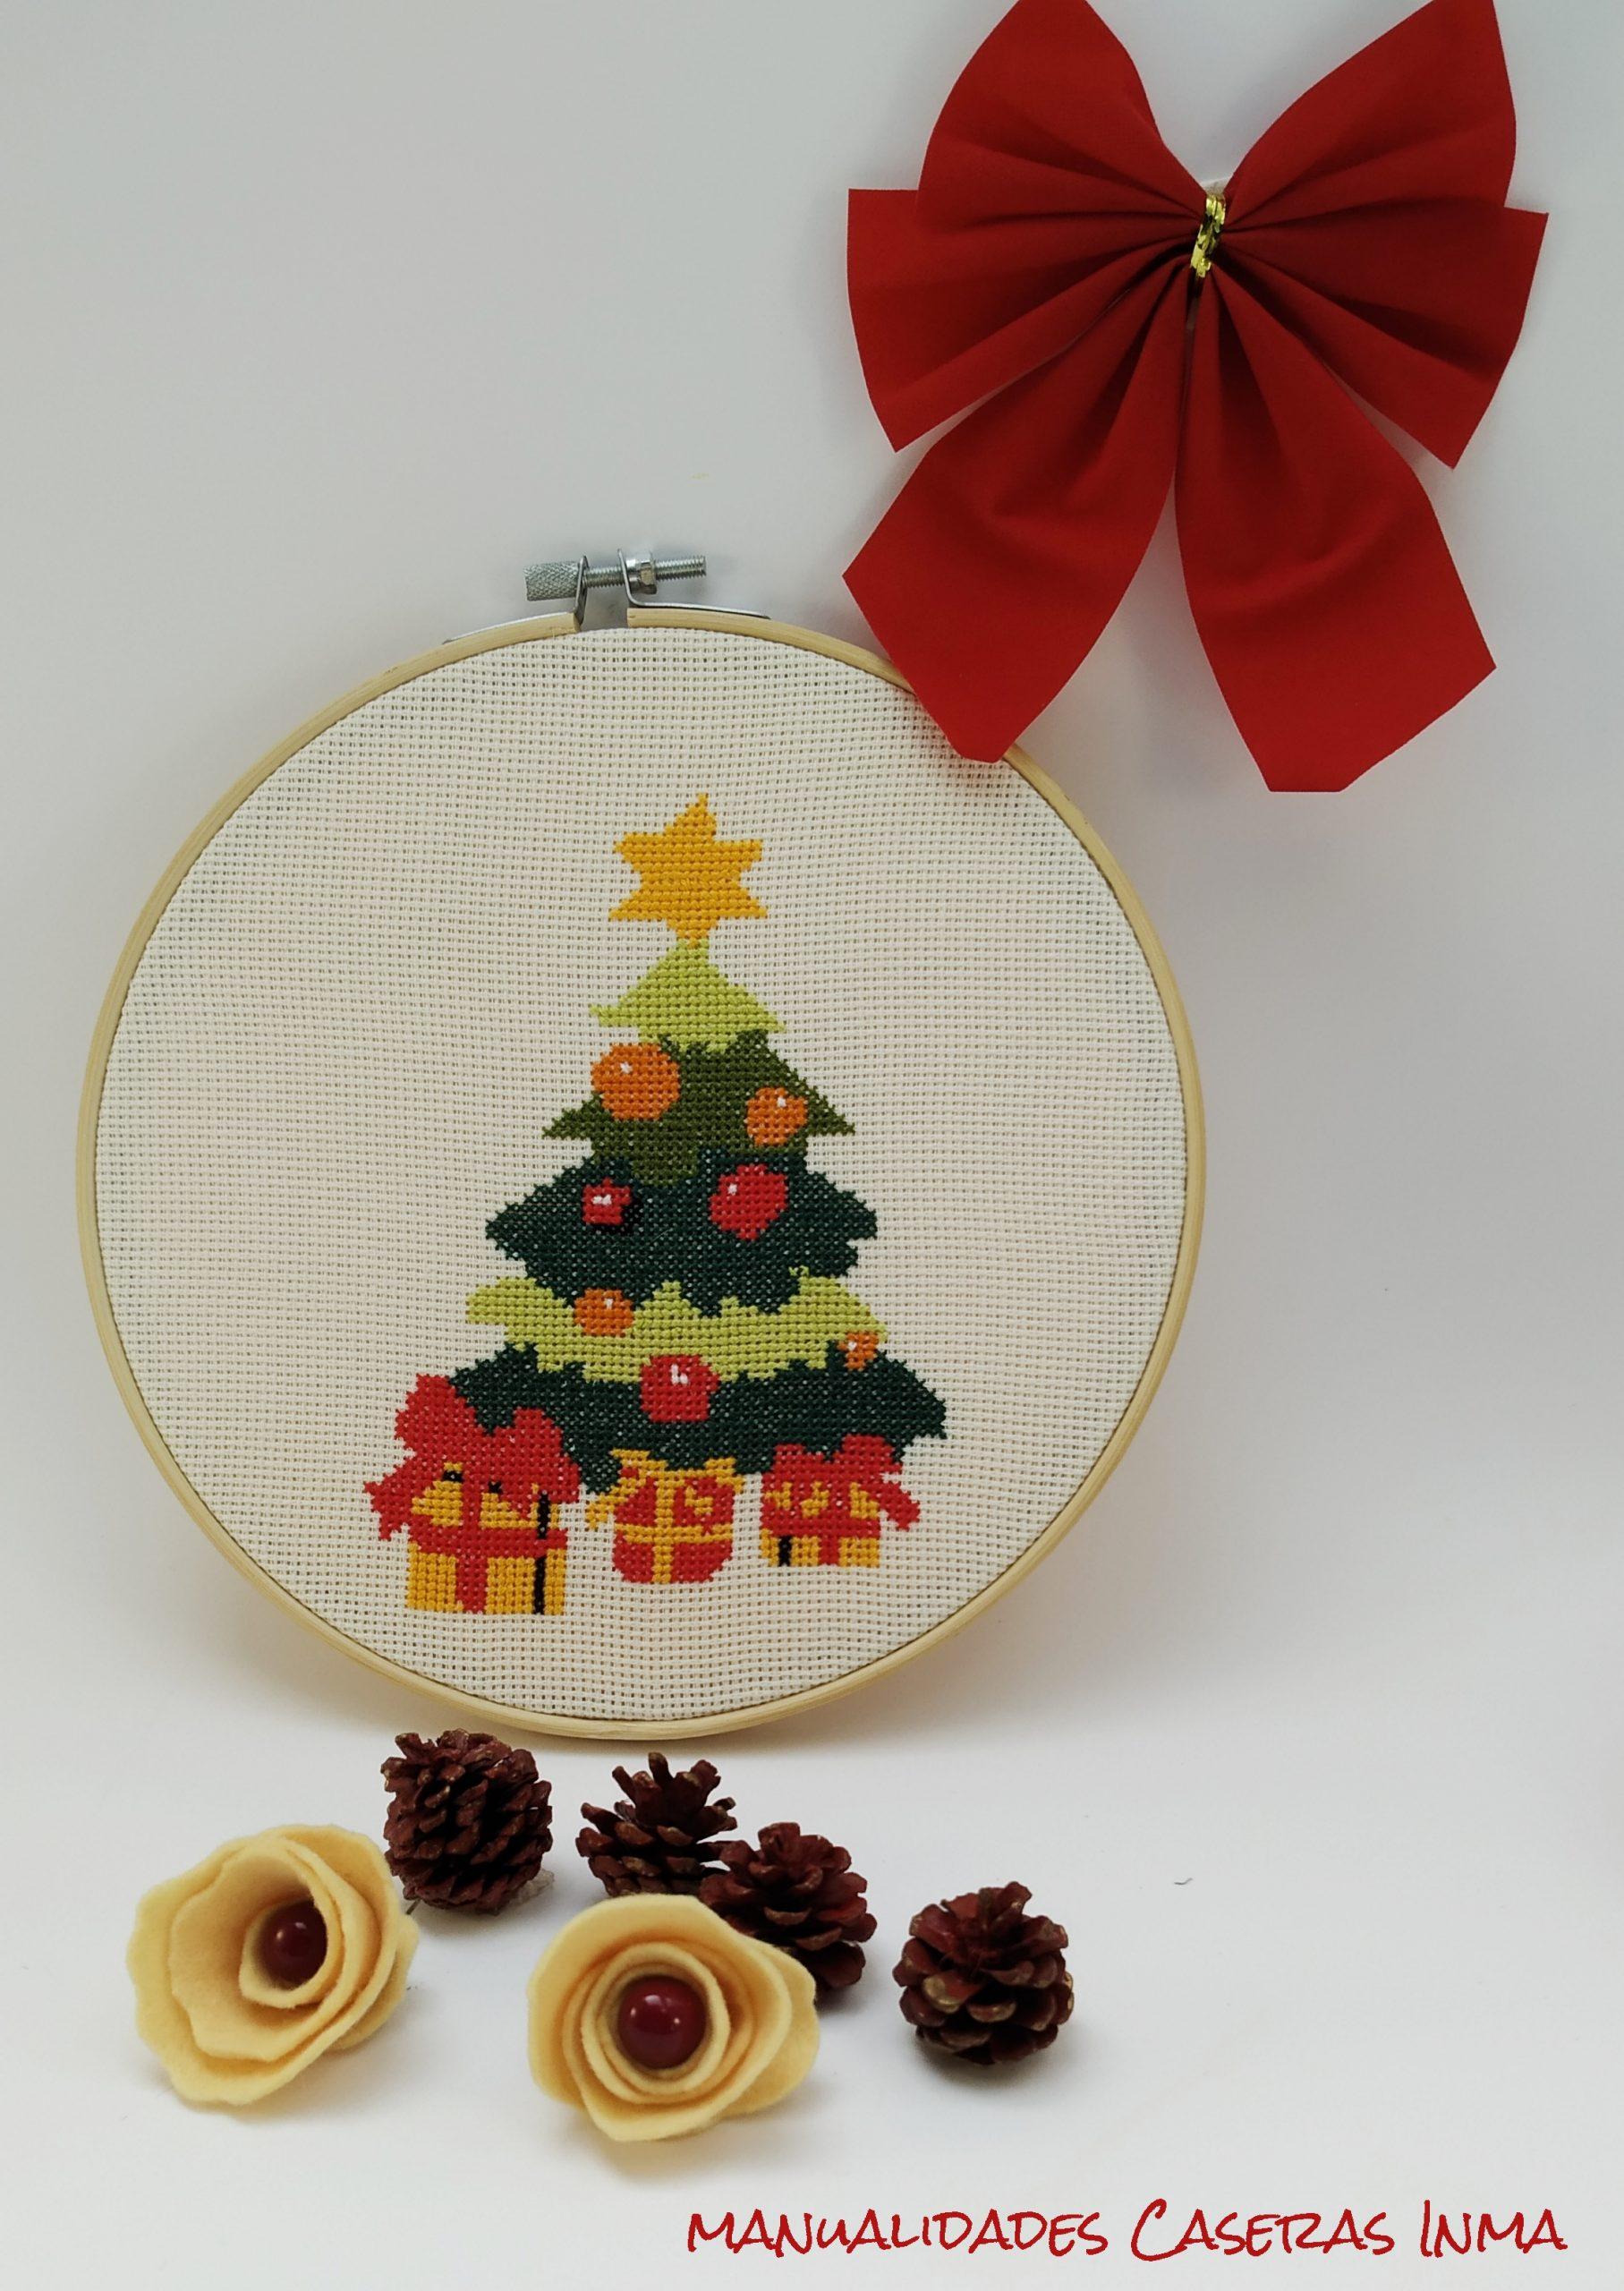 Manualidades Caseras Inma_ Bastidor navidad de arbol de navidad